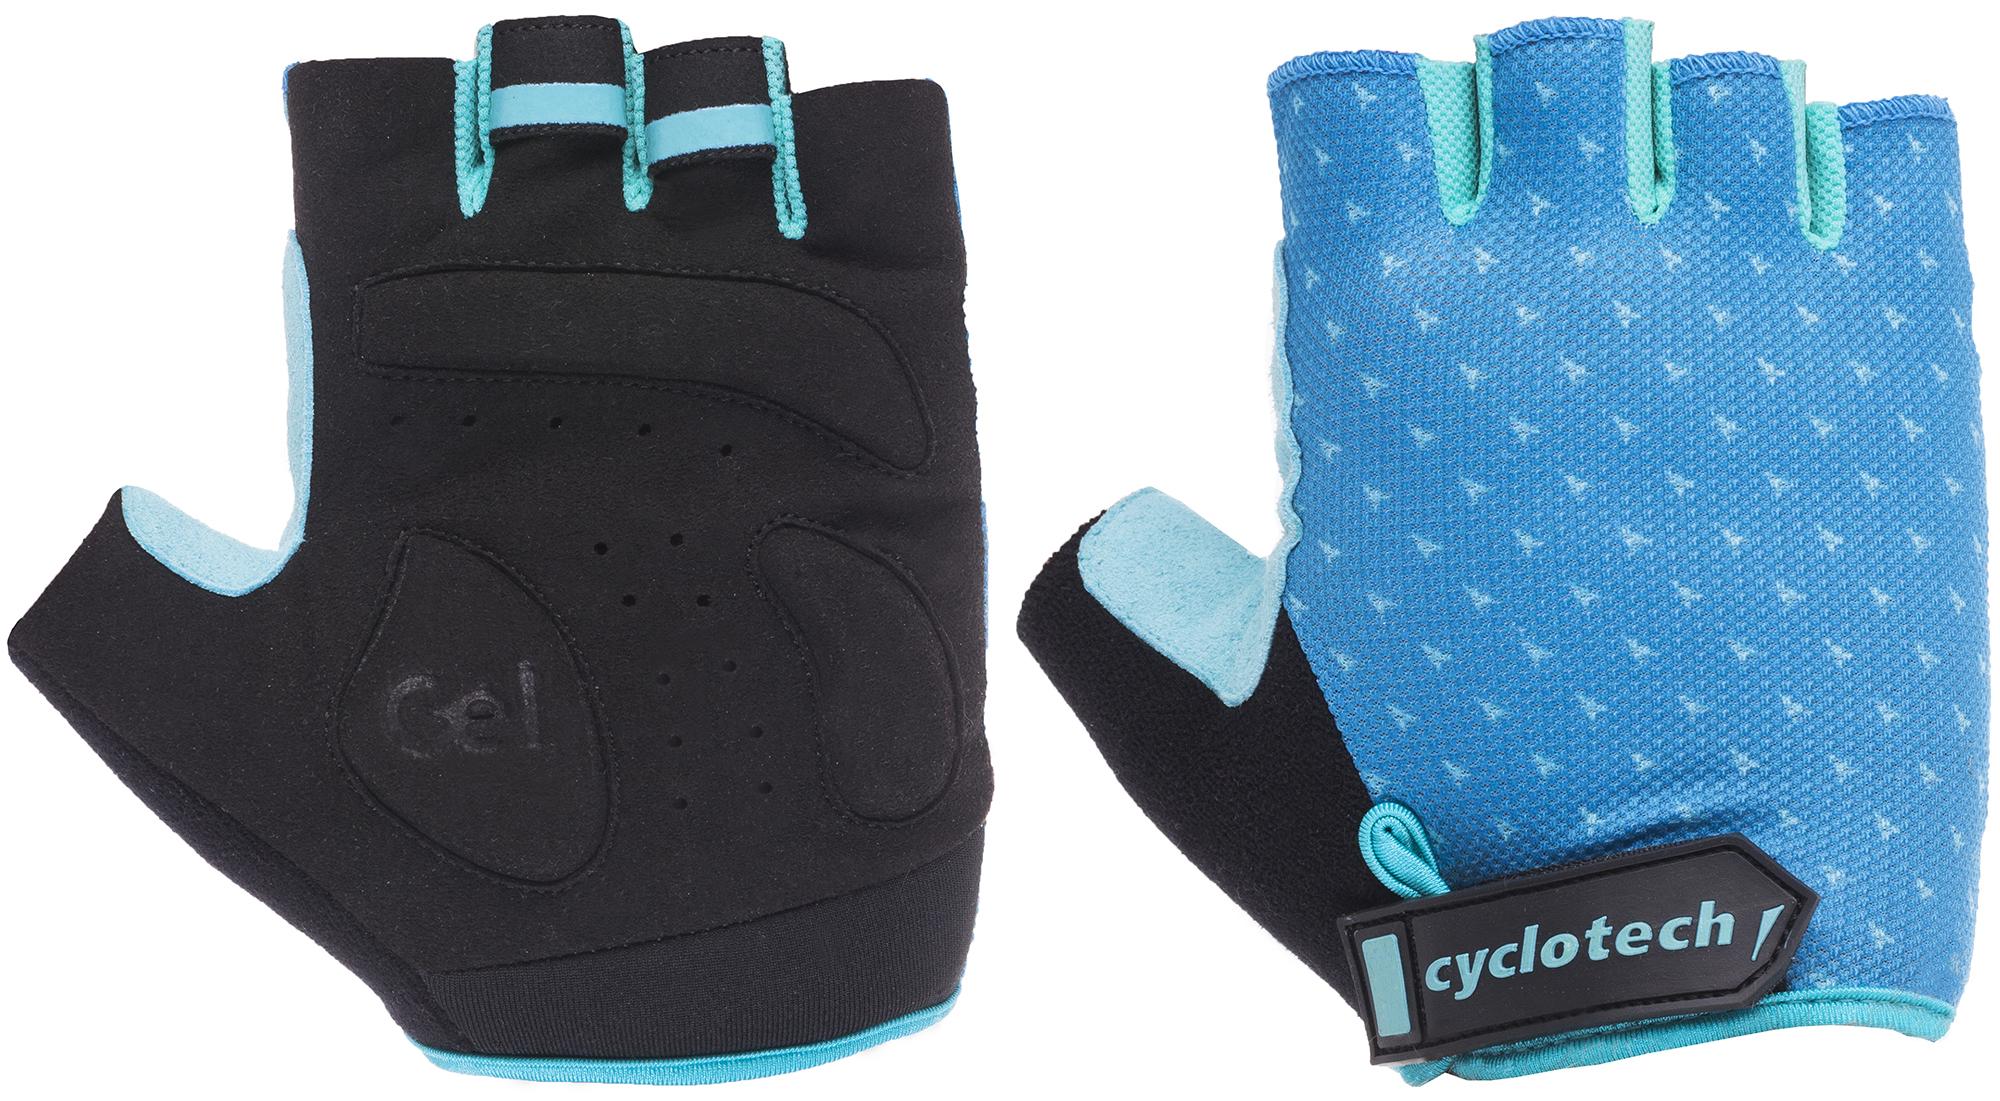 Cyclotech Перчатки велосипедные Cyclotech Hoya, размер 7